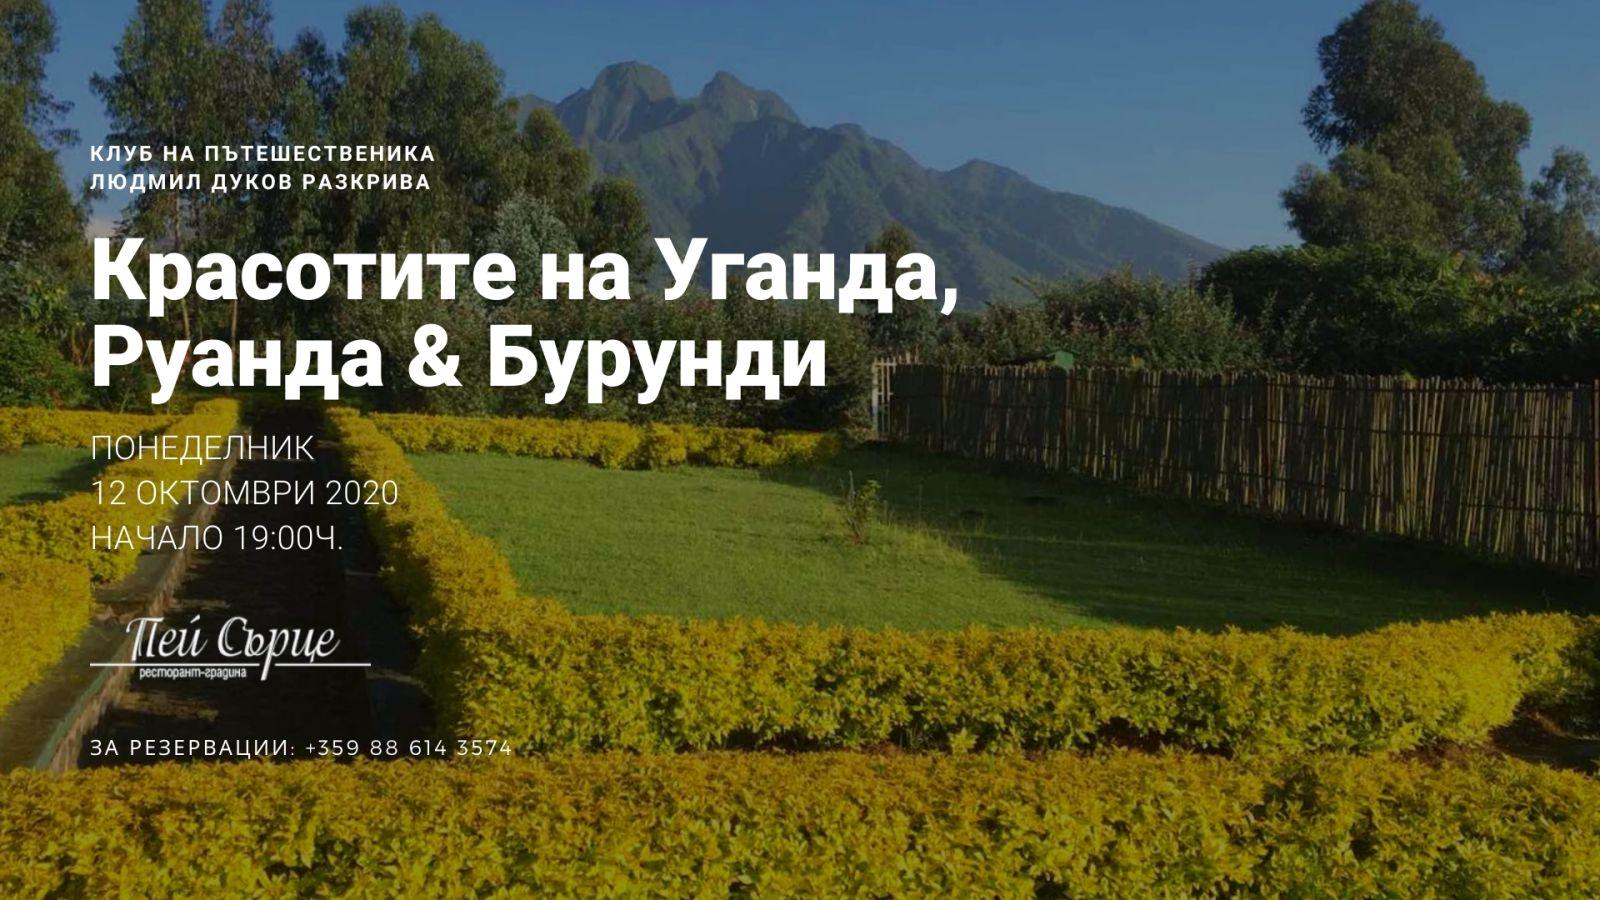 12 октомври - Историите на Людмил Дуков от Уганда, Руанда и Бурунди в Източна Африка